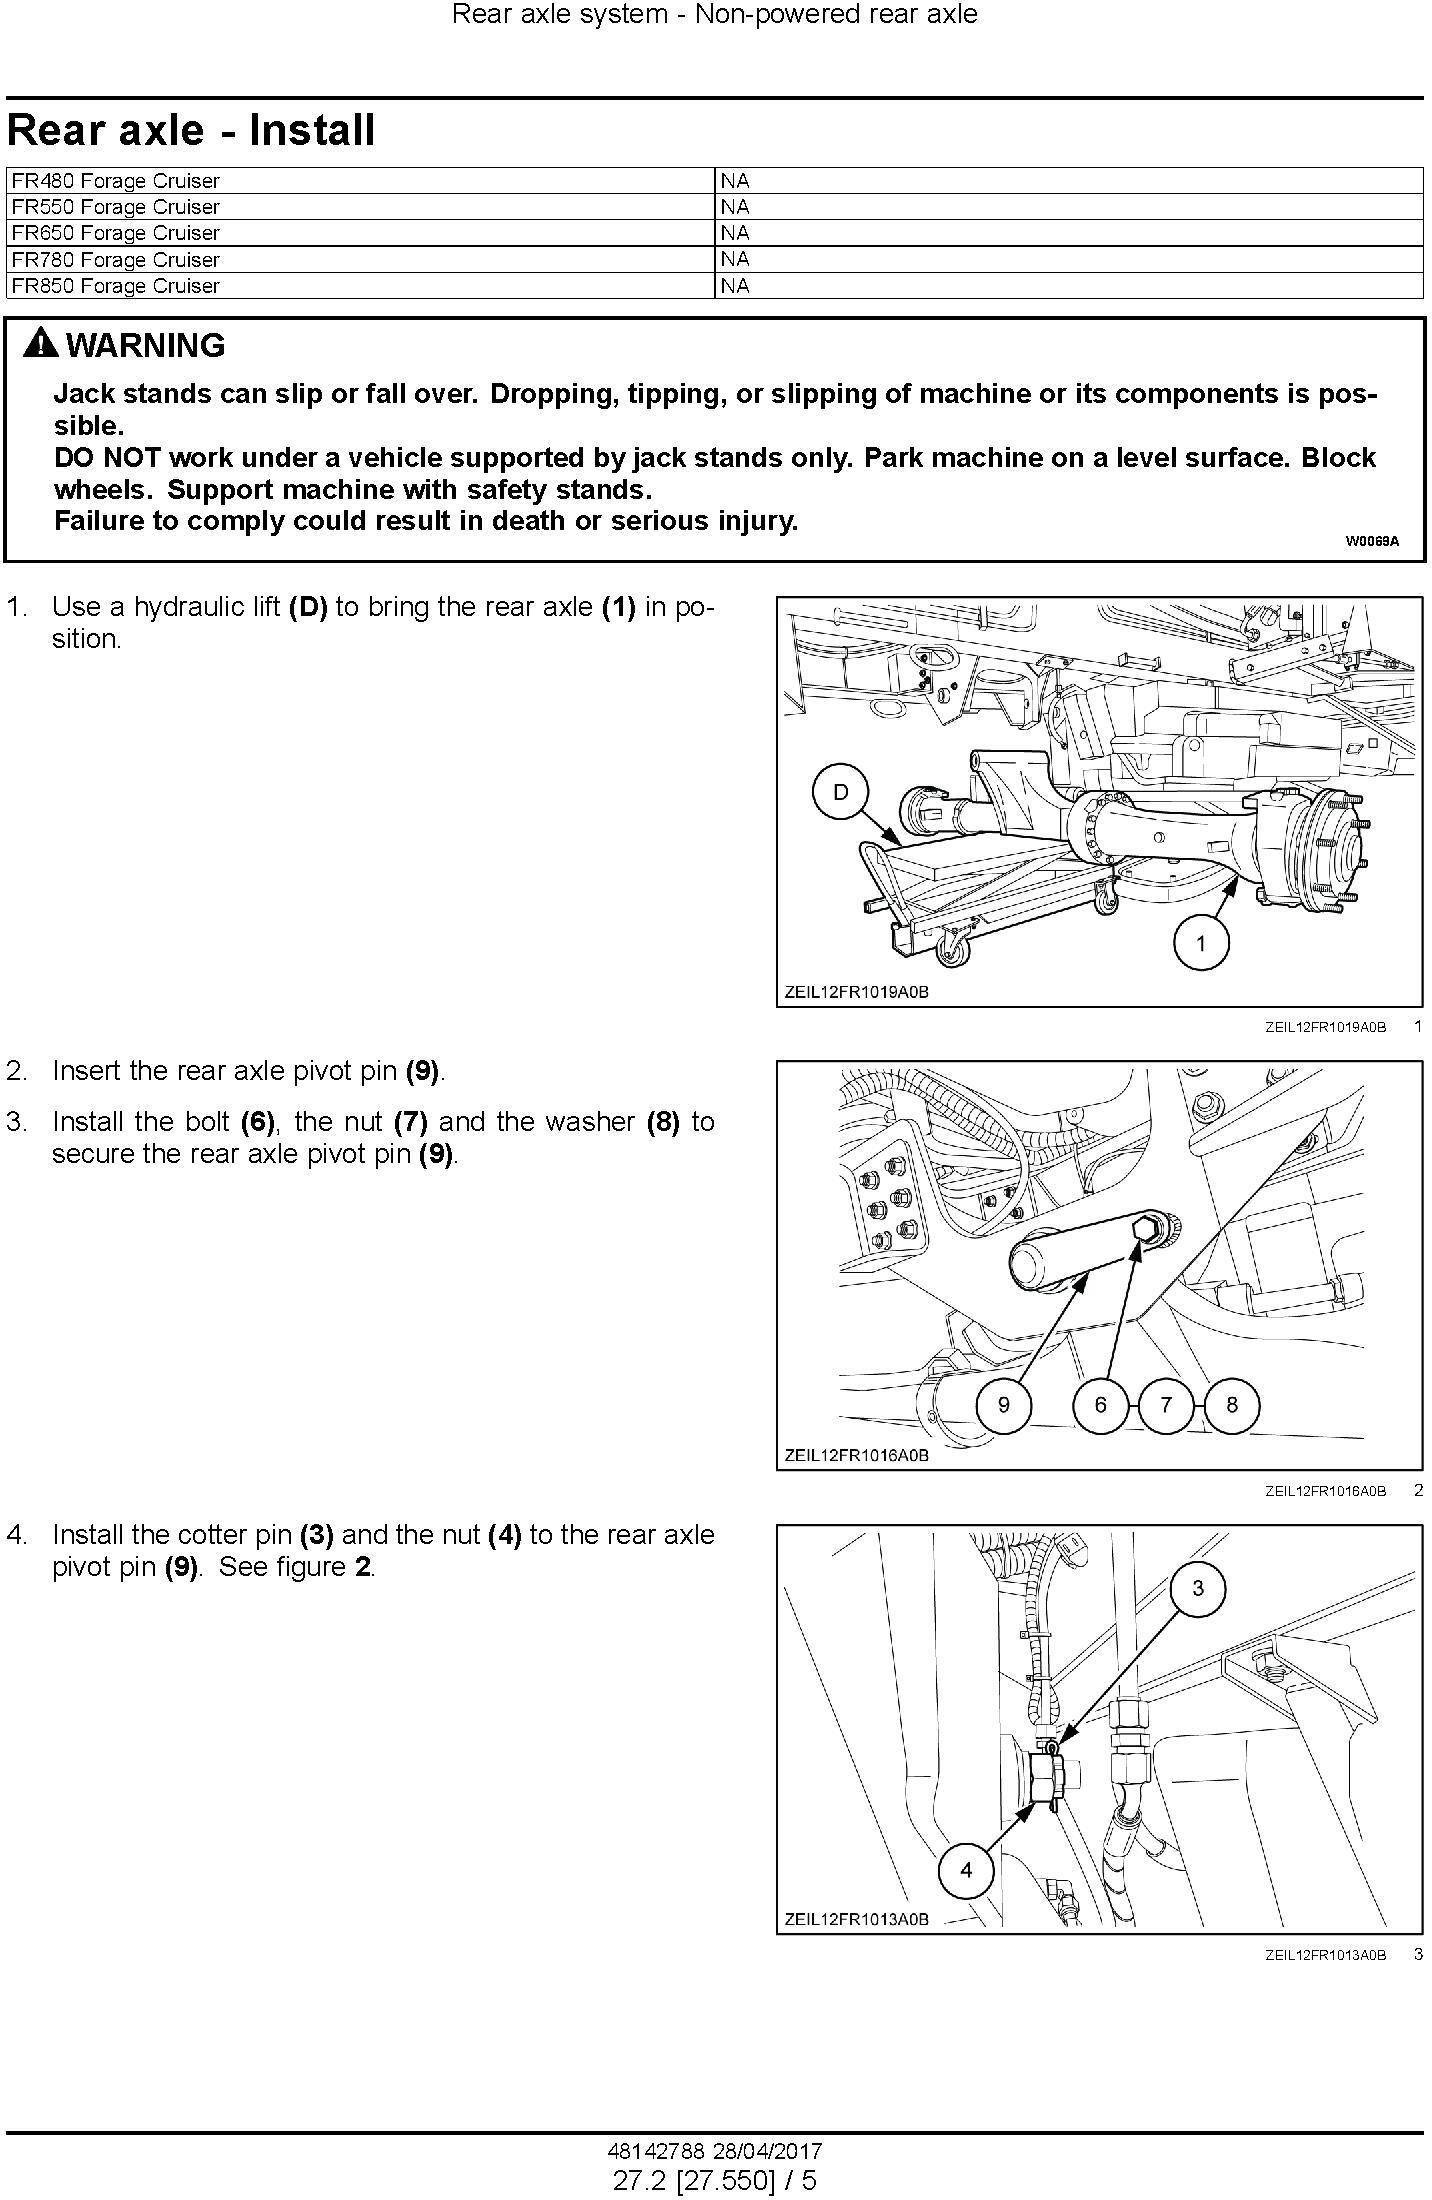 New Holland FR480, FR550, FR650, FR780, FR850 Forage Cruiser - Forage Harvester Service Manual (USA) - 1